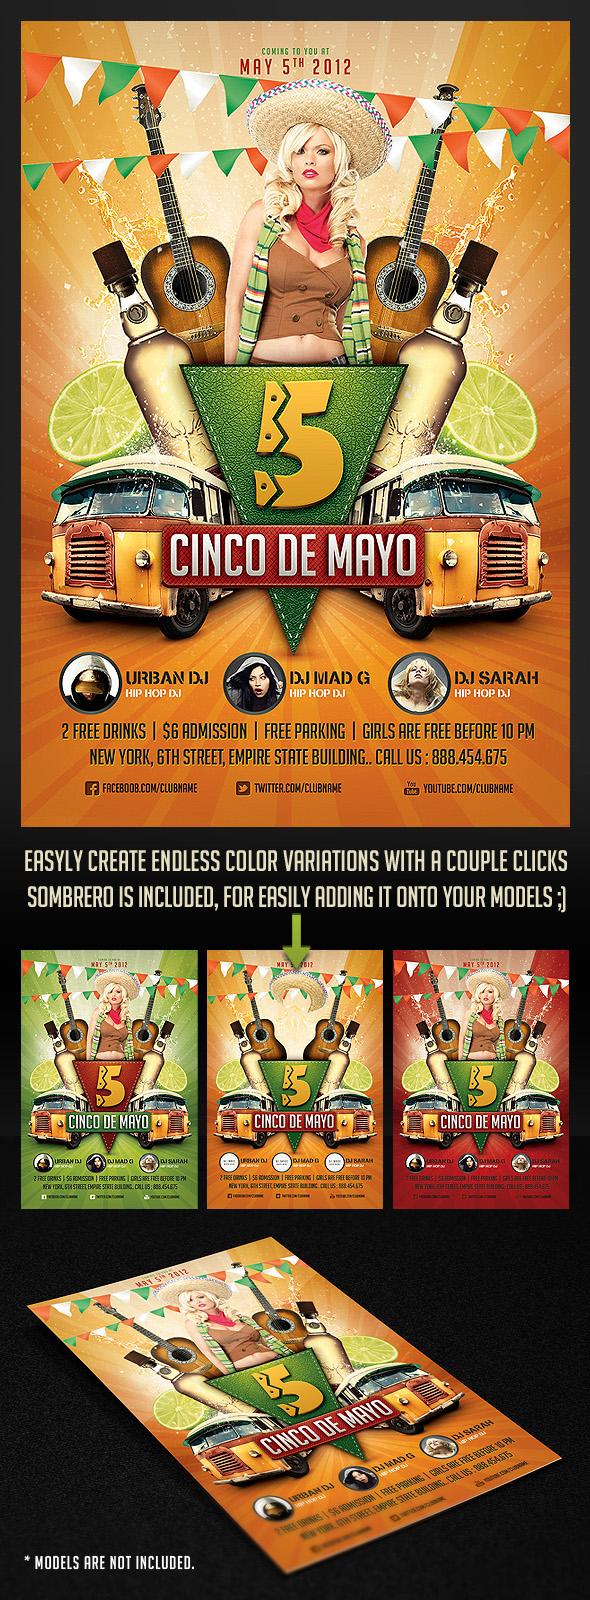 Cinco de Mayo Party Flyer 2 by saltshaker911